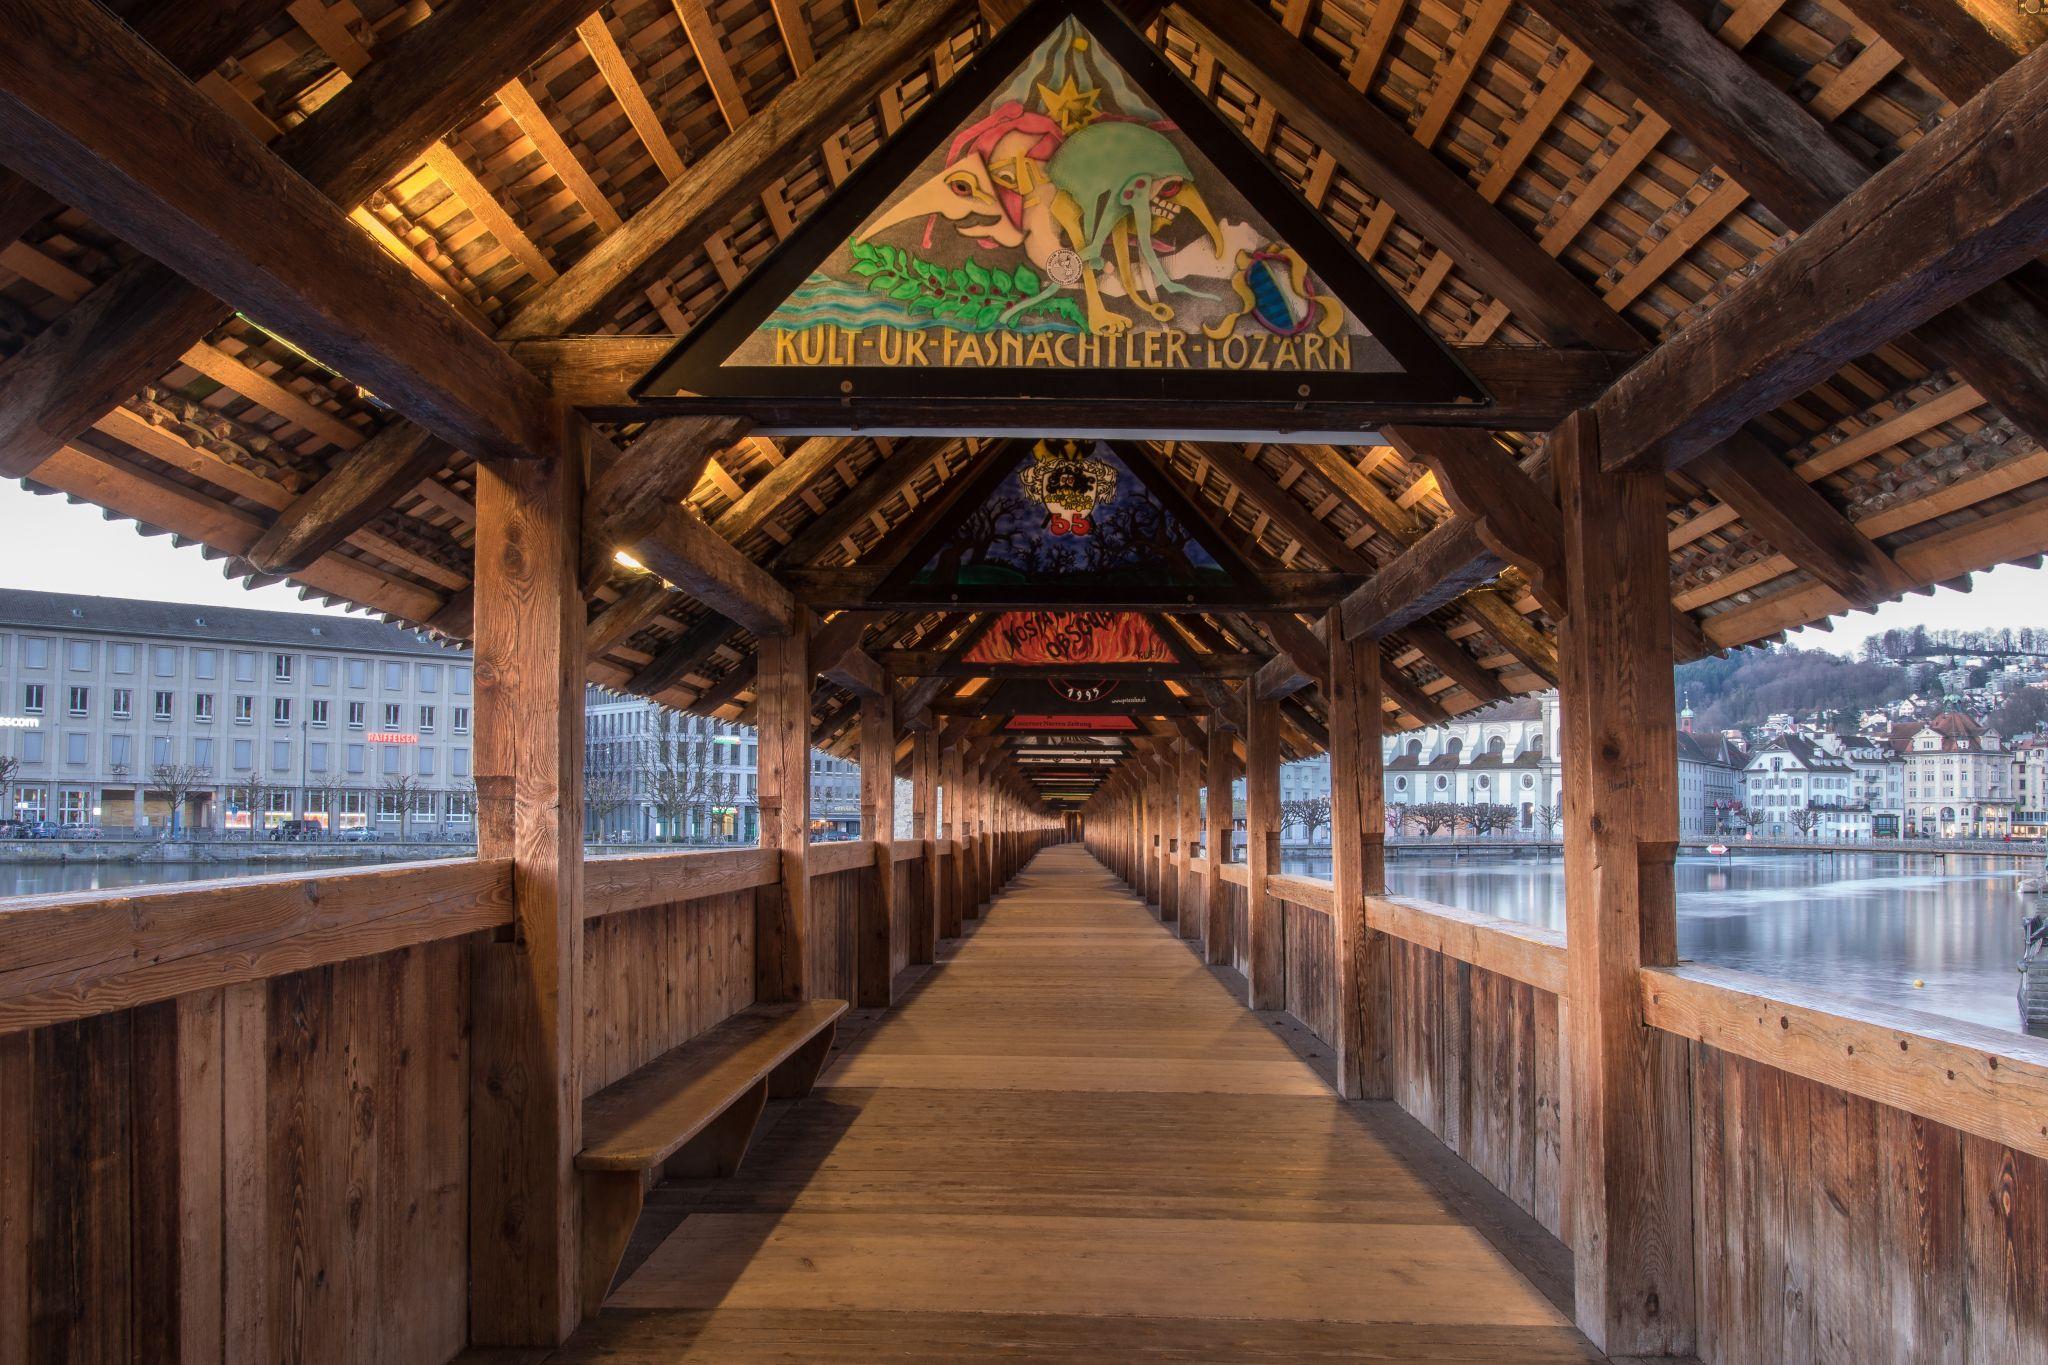 Kapellbrücke, Switzerland